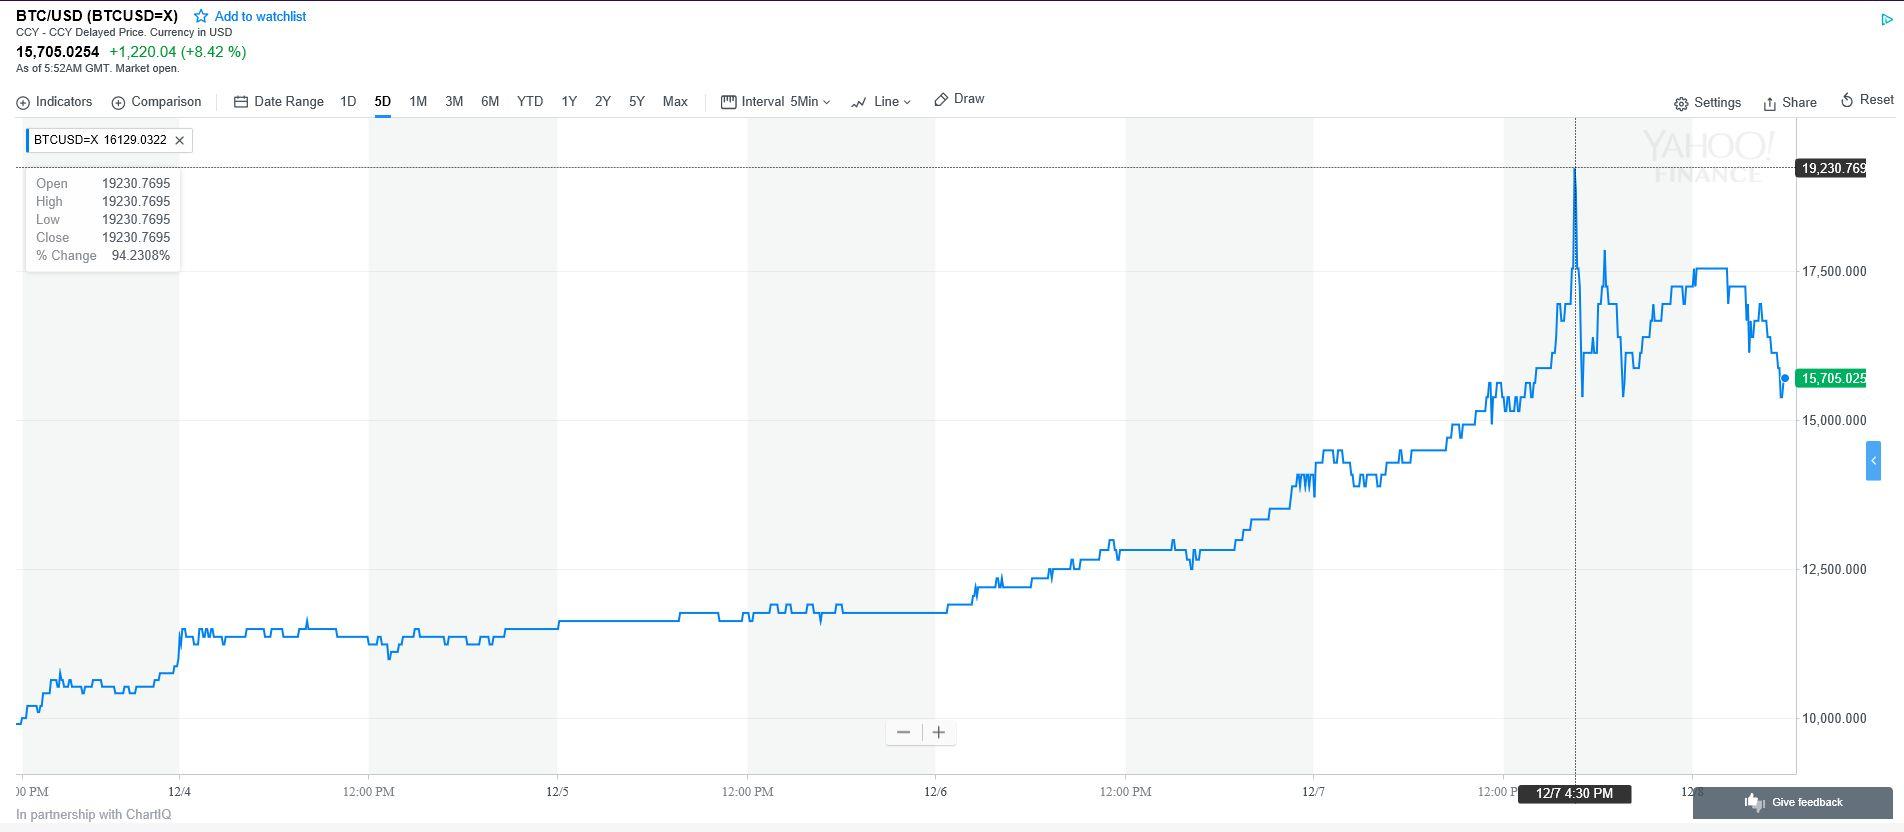 Átvált Bitcoins (BTC) és Magyar forint (HUF) : Valuta átváltás kalkulátor